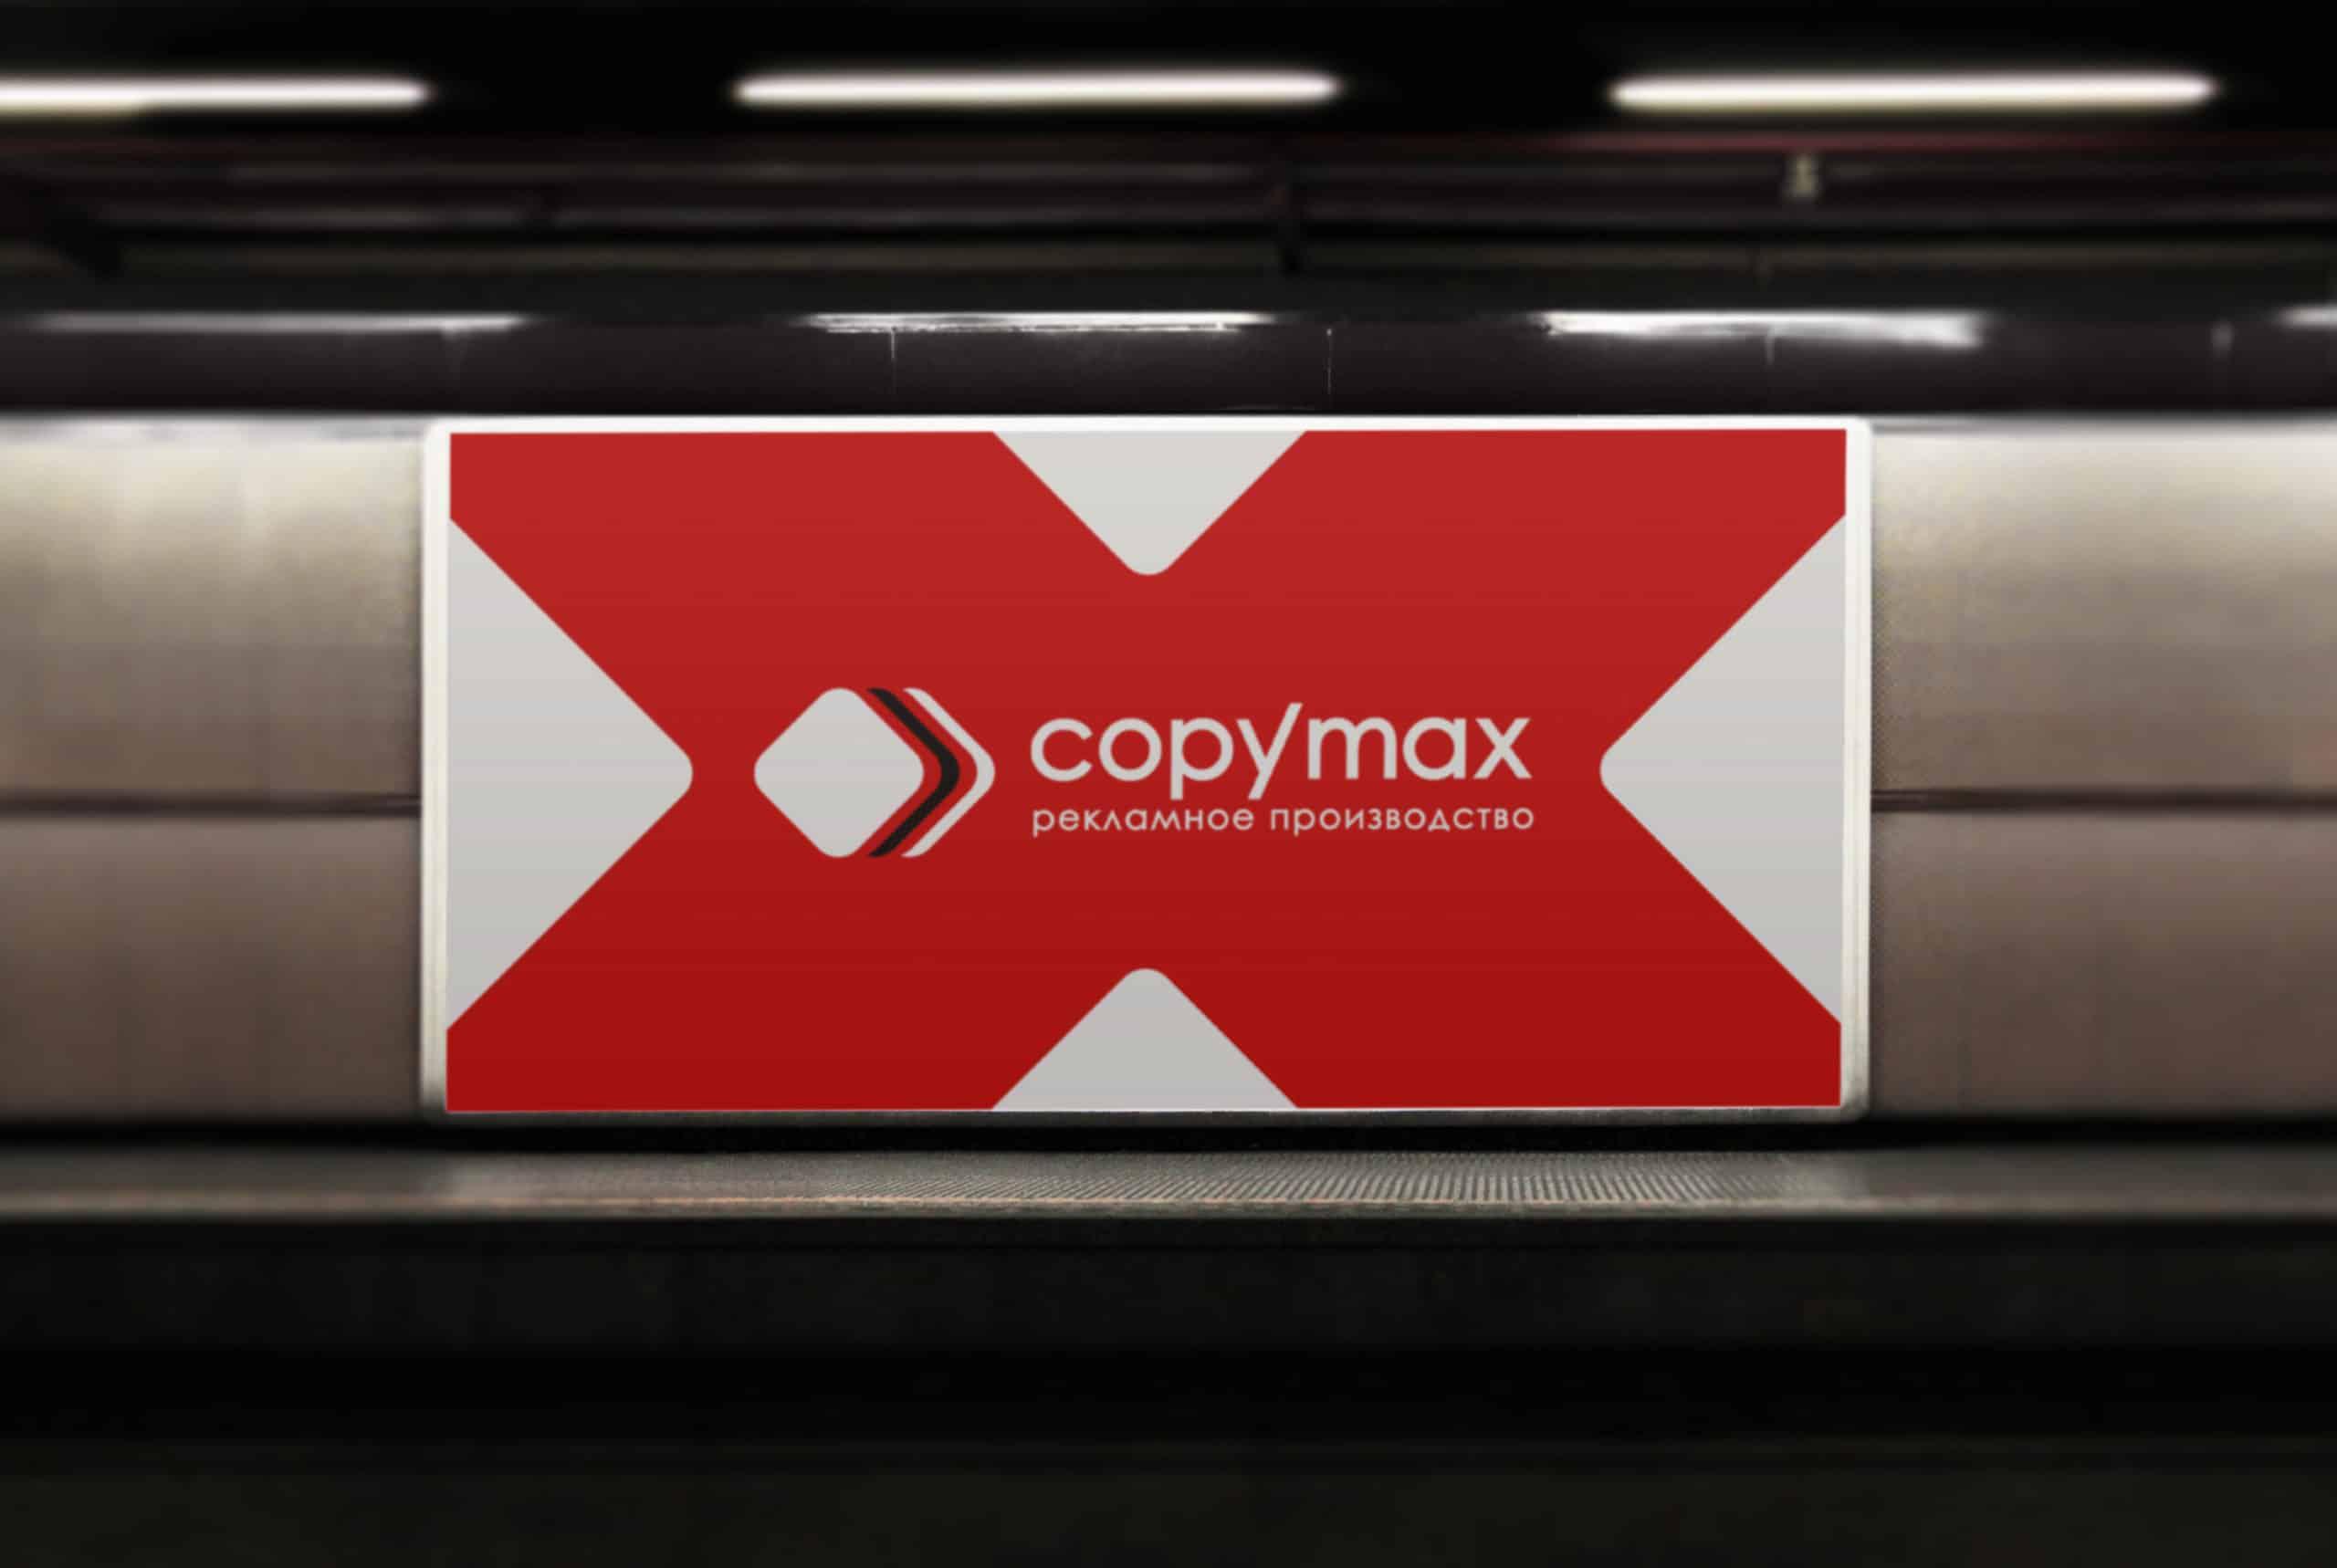 логотип на рекламном баннере